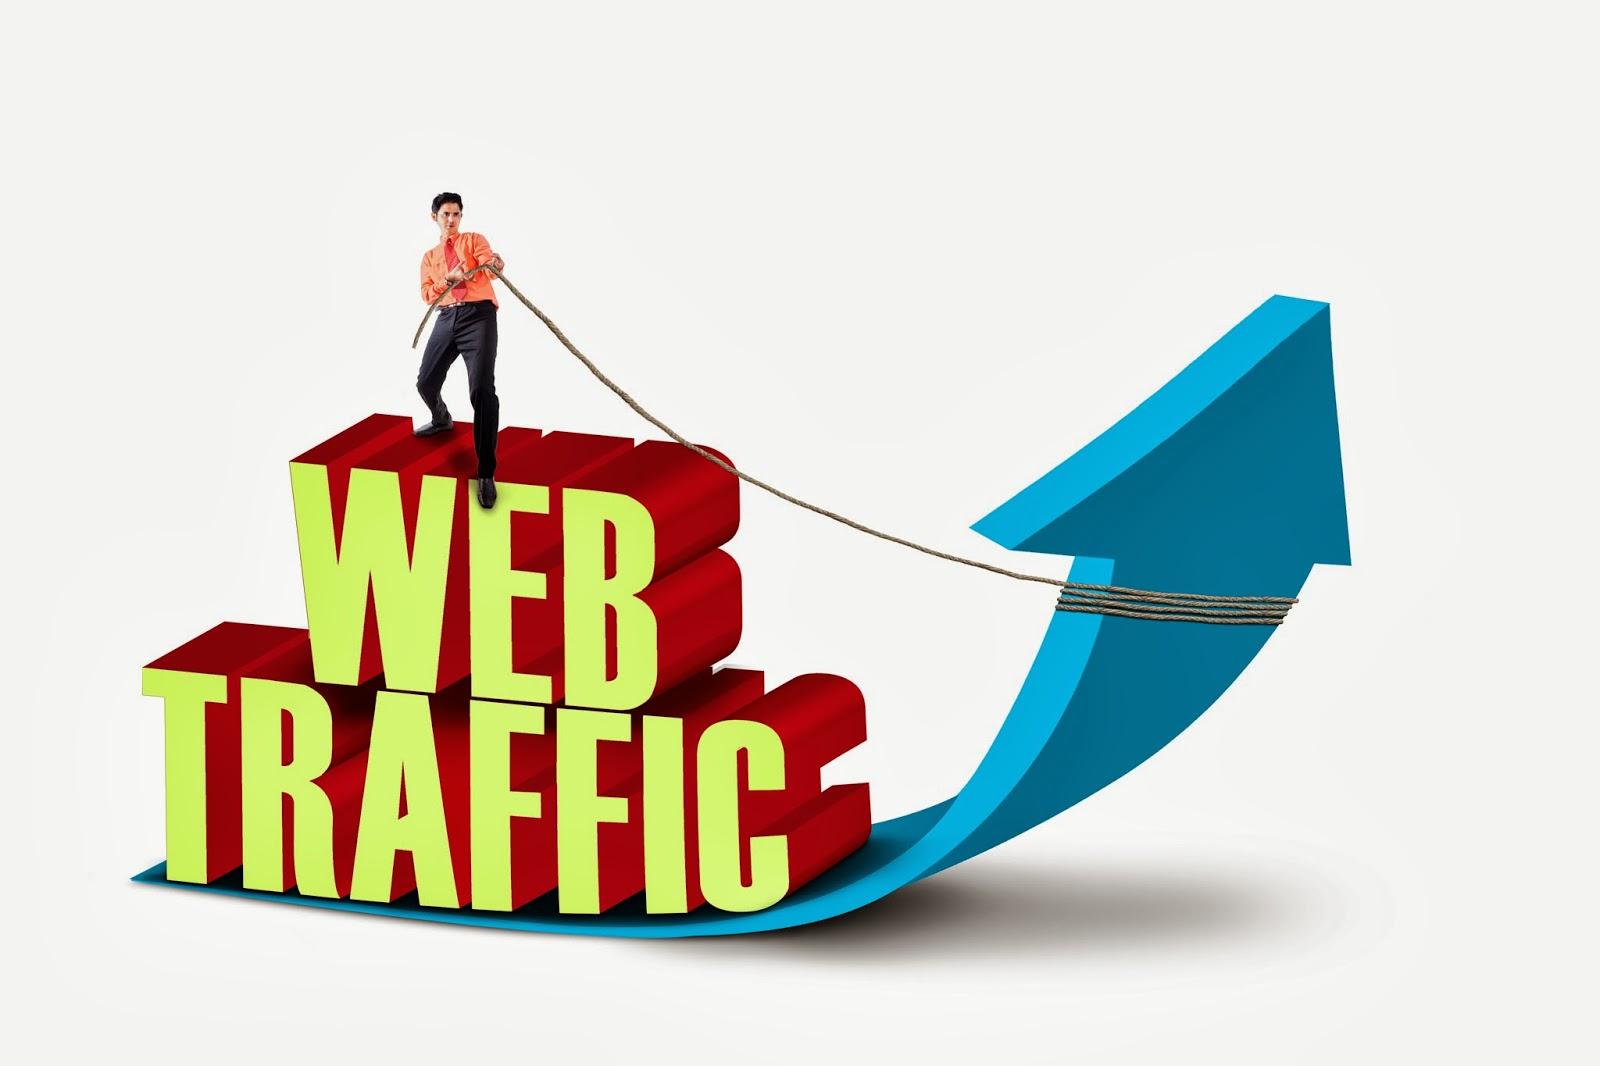 500,000 Website worldwide traffic